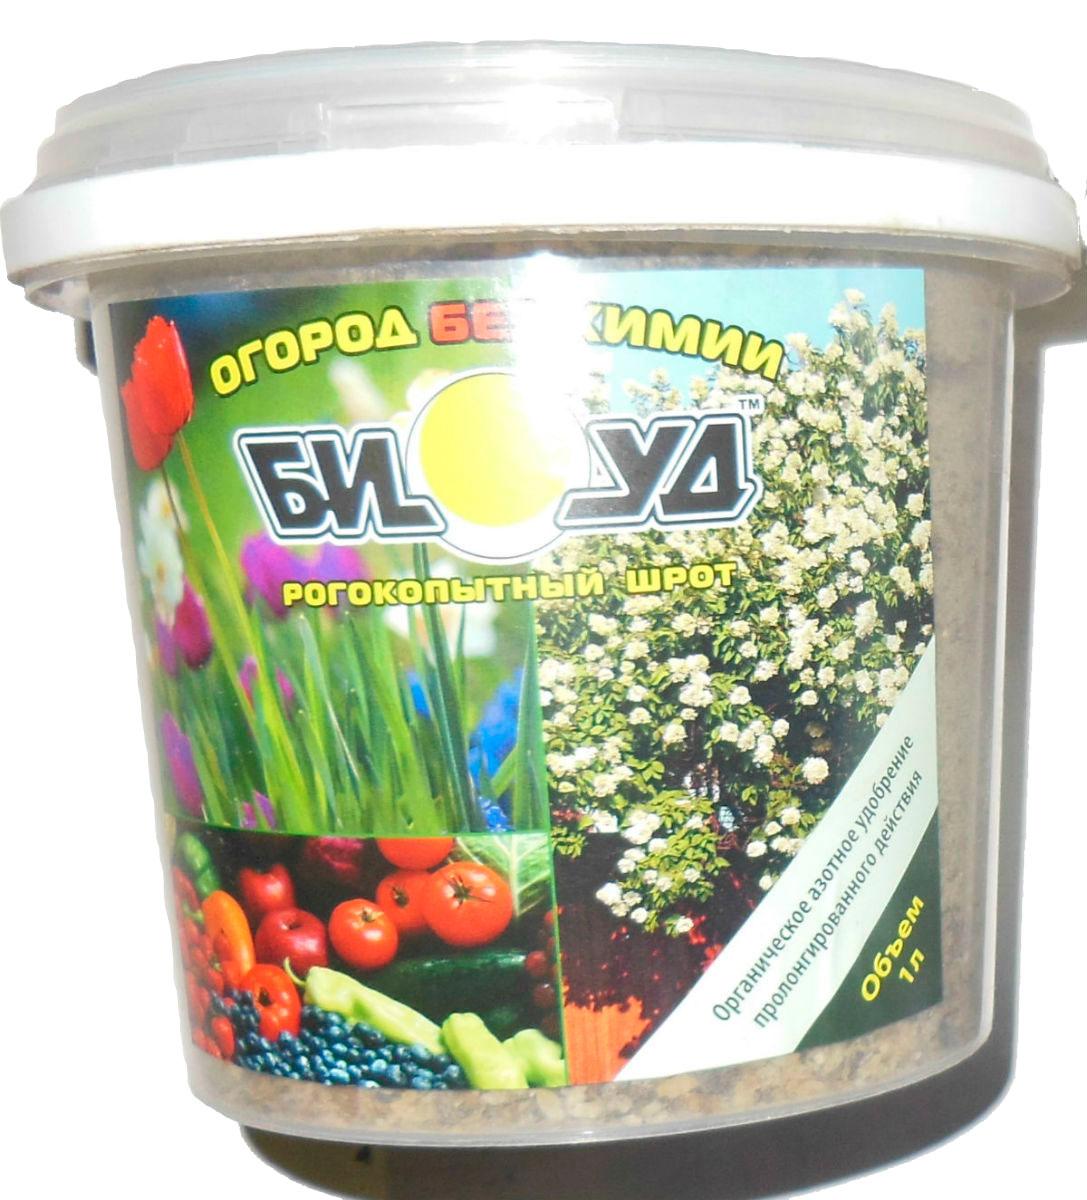 Pого-копытный шрот БИУД, 1 лbiud0003Рогокопытный шрот (РКШ) - кератин ТУ 2671- 001- 24322501-2004Органическое азотно-калийное удобрение, предназначенное для выращивания рассады всех видов овощных культур, а также цветочных и декоративных растений, плодово-ягодных, хвойных и лиственных культур в условиях слабокислой или нейтральной среды. Удобрение РКШ (кератин) -сыпучий продукт без комков с влажностью не более 10-12%. Цвет от серого до темно-коричневого. РКШ БИУДотносится к удобрениям длительного действия. Не накапливает нитратов и радионуклеидов, увеличивает в овощах фруктах и ягодах содержание белка, сахара, растительных жиров и витаминов, а также увеличивает урожайность овощей и фруктов. Ограничений к применению не имеет. Срок хранения неограничен. Рекомендации по применению:Удобрение РКШ БИУДиспользуется на различных типах почв и может вноситься в почву в любое время года. 3аделка РКШ БИУДв почву производится путем перемешивания с верхним слоем почвы. Норма: столовая ложка на 3-5 литров почвы. Возможен полив настоем стружки в пропорции: 1 литр настоя (200-300 г удобрения на 10 литров воды, выдержанного в течение 3-4 дней) смешать с 10 литрами чистой воды. Питательные вещества Массовая доля азота общего, %, не менее 12 Массовая доля фосфора общего, % не менее 1 Массовая доля калия общего, % не менее 1 Массовая доля протеина общего, %, не менее 1 Массовая доля воды, %, не более 12 Меры безопасности:При работе пользоваться перчатками, соблюдать общие требования безопасности.